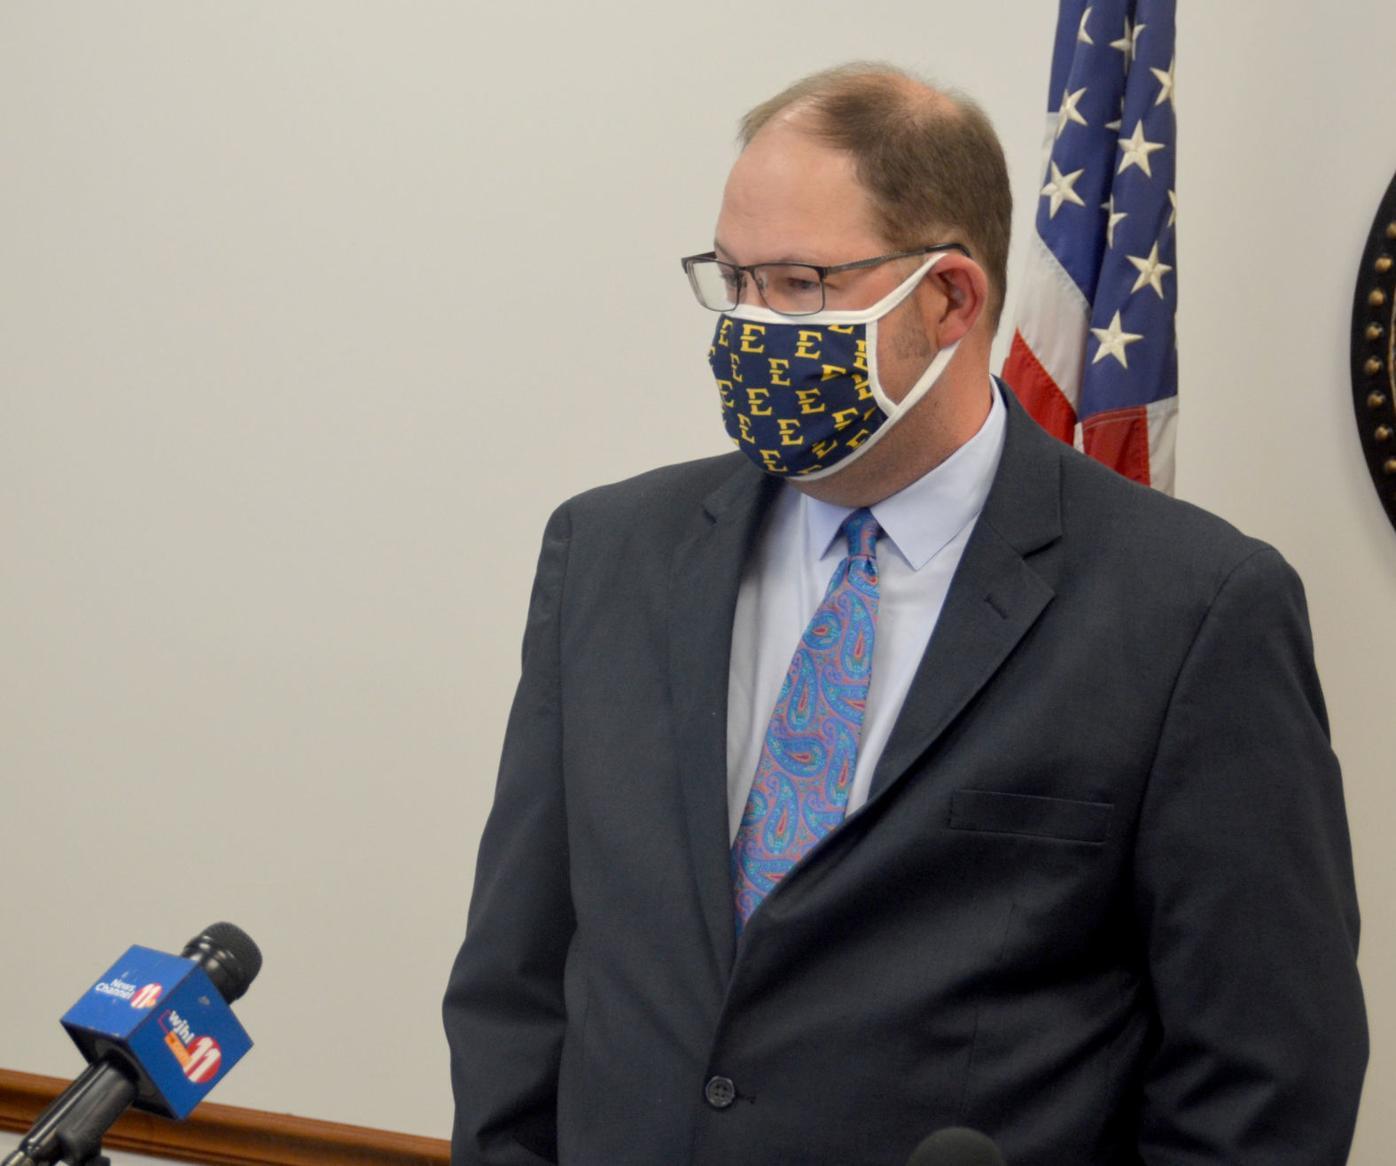 Dr. Lewis mask